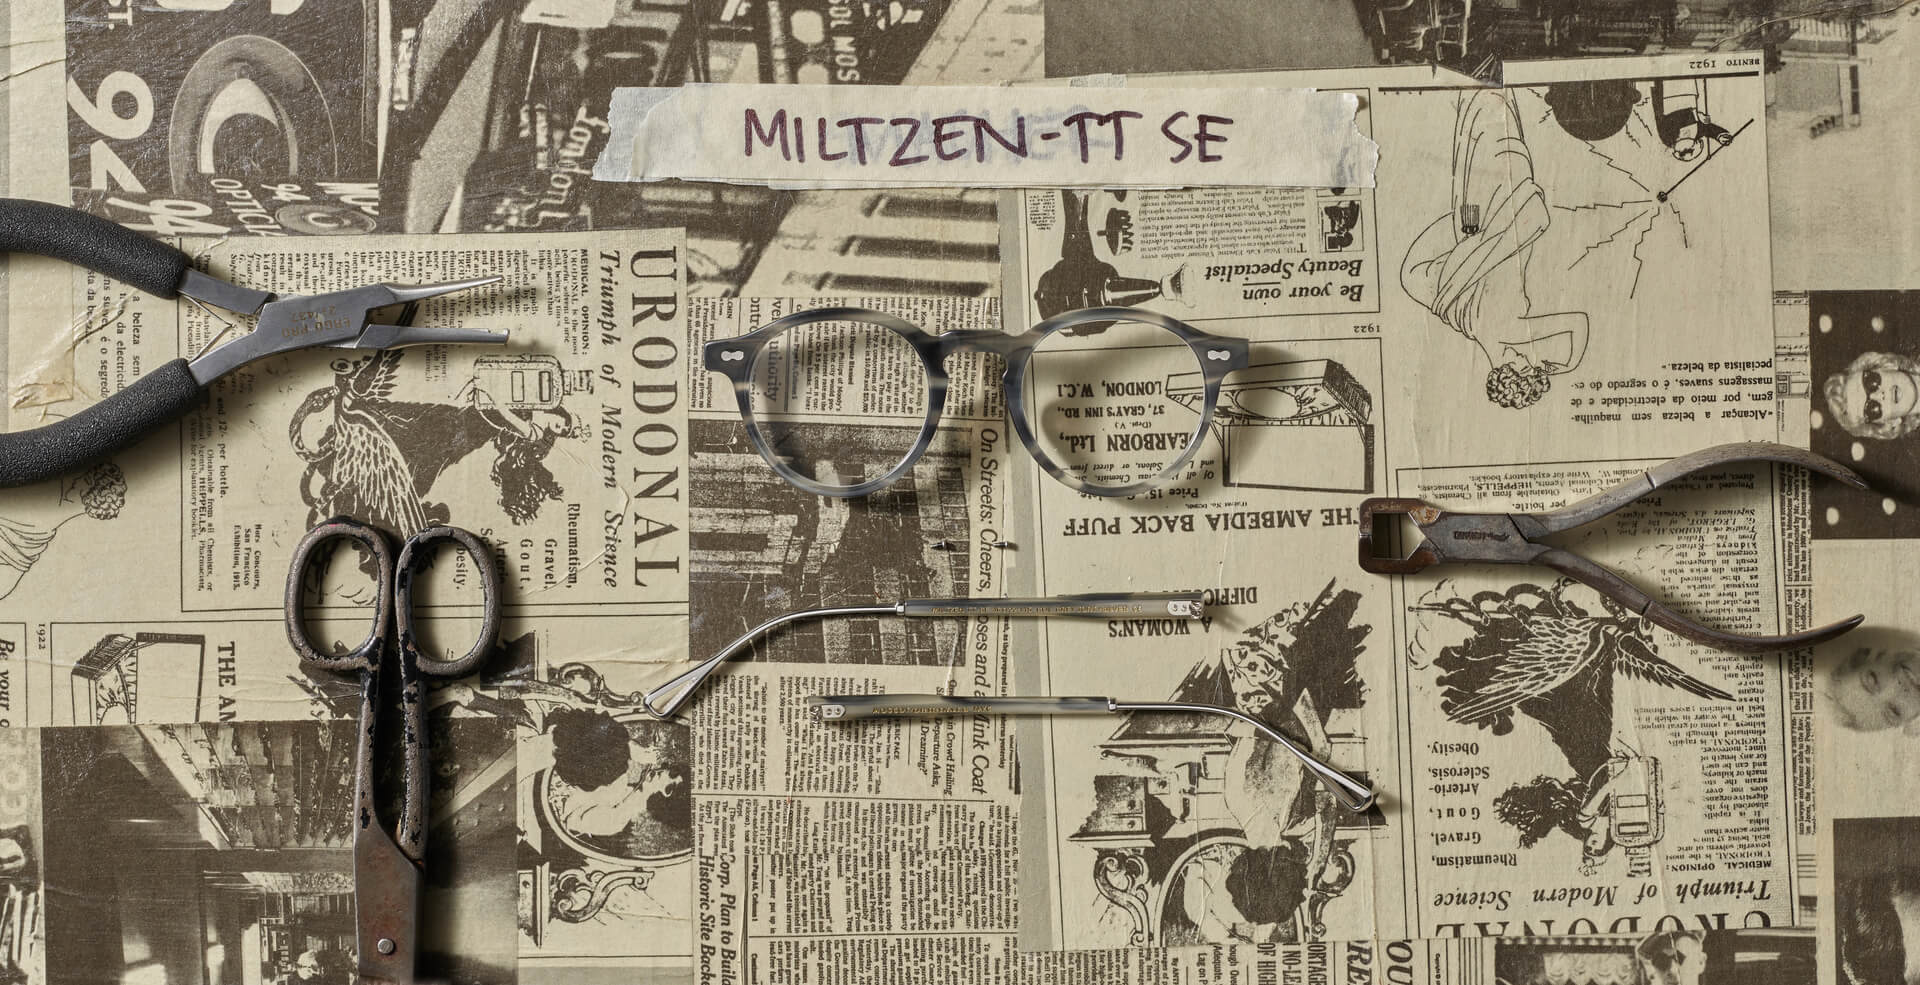 MILTZEN-TT SE